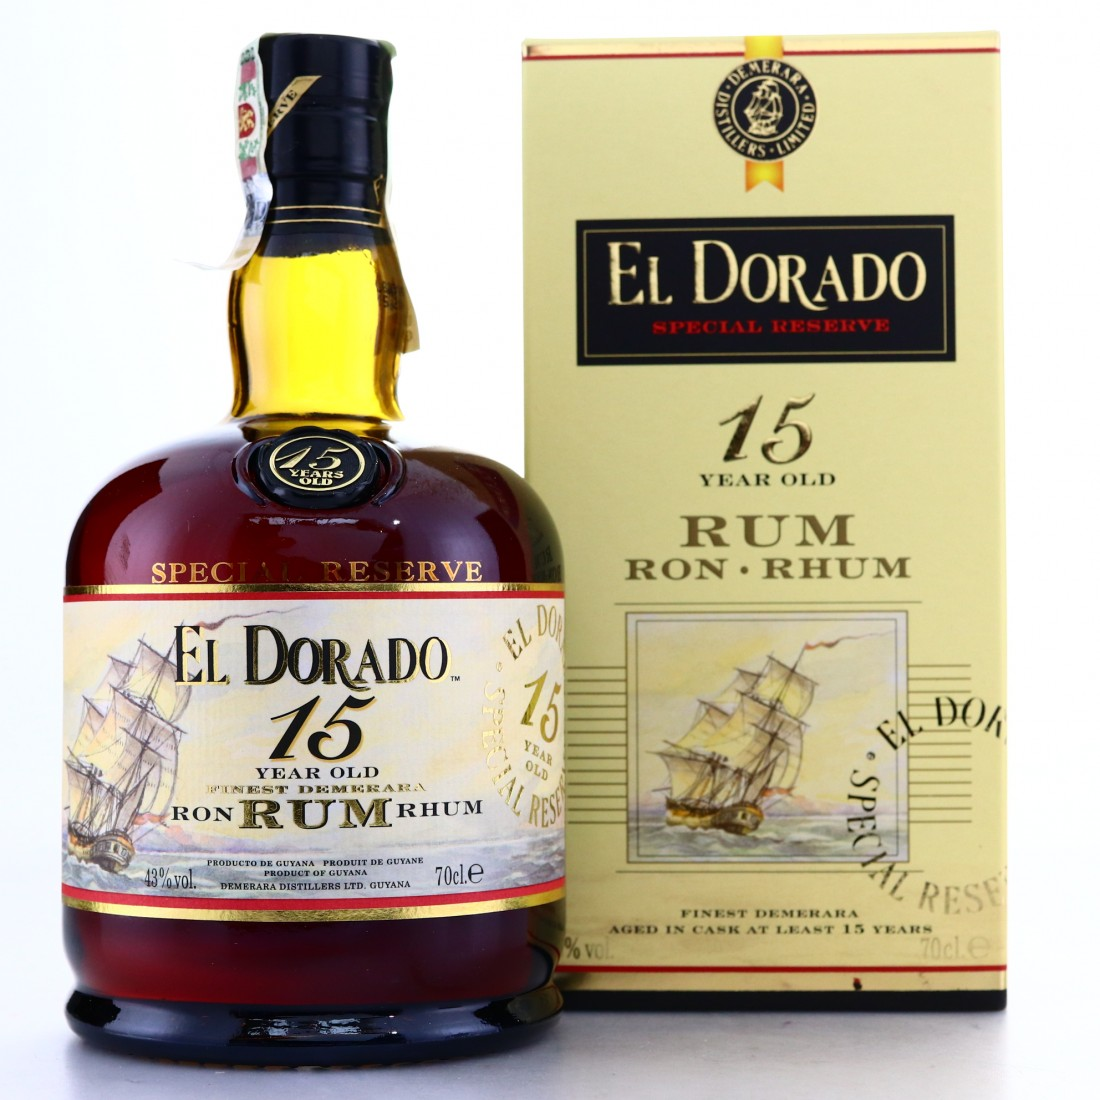 El Dorado 15 Year Old Special Reserve